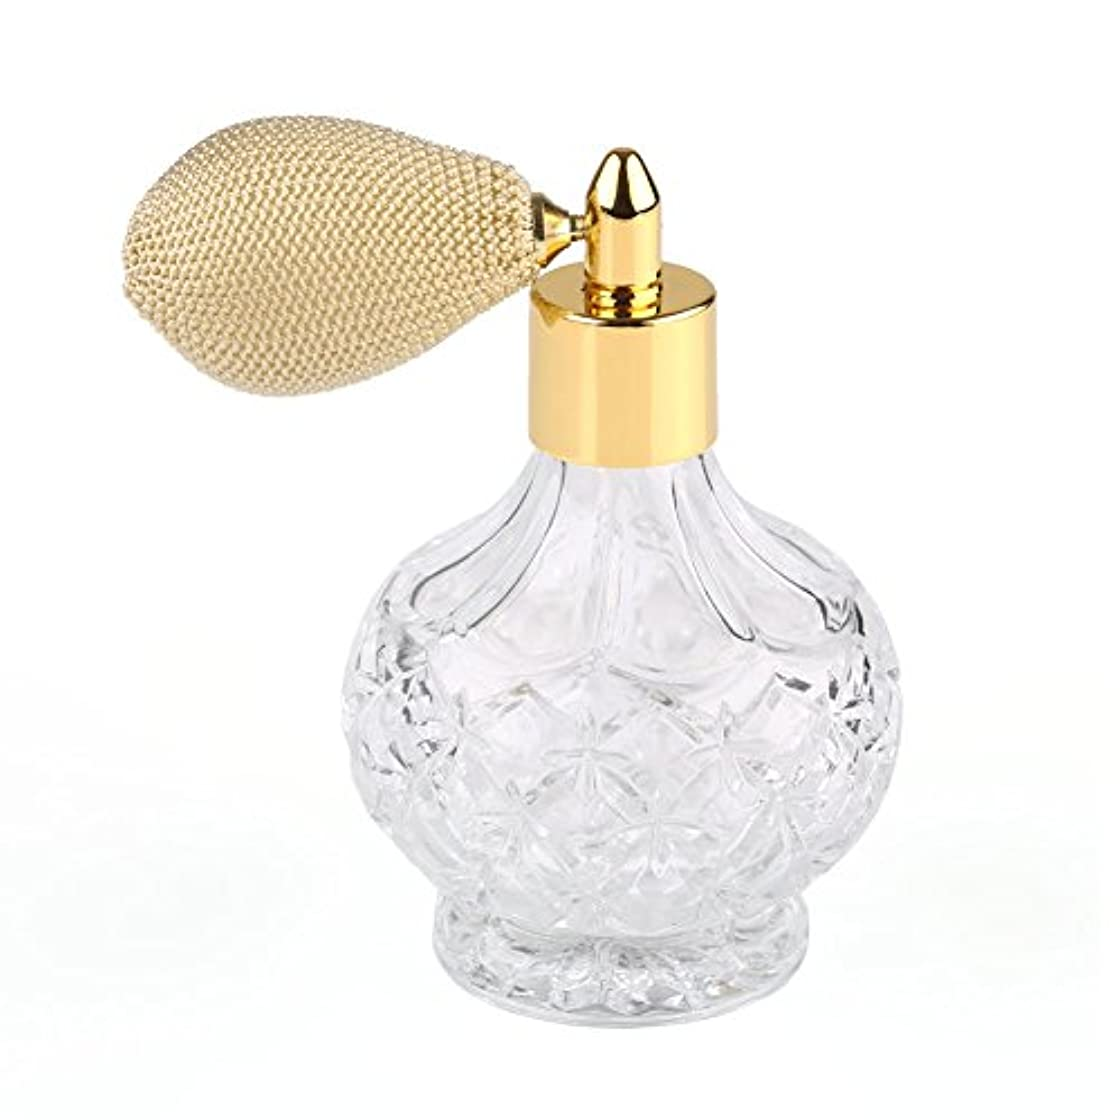 手首ピジン第高品質18MMガラスボトル香水瓶 アトマイザー  クリア星柄ストリームラインデザイン 金色ニットスプレー 80ML ホーム飾り 装飾雑貨 ガラス製